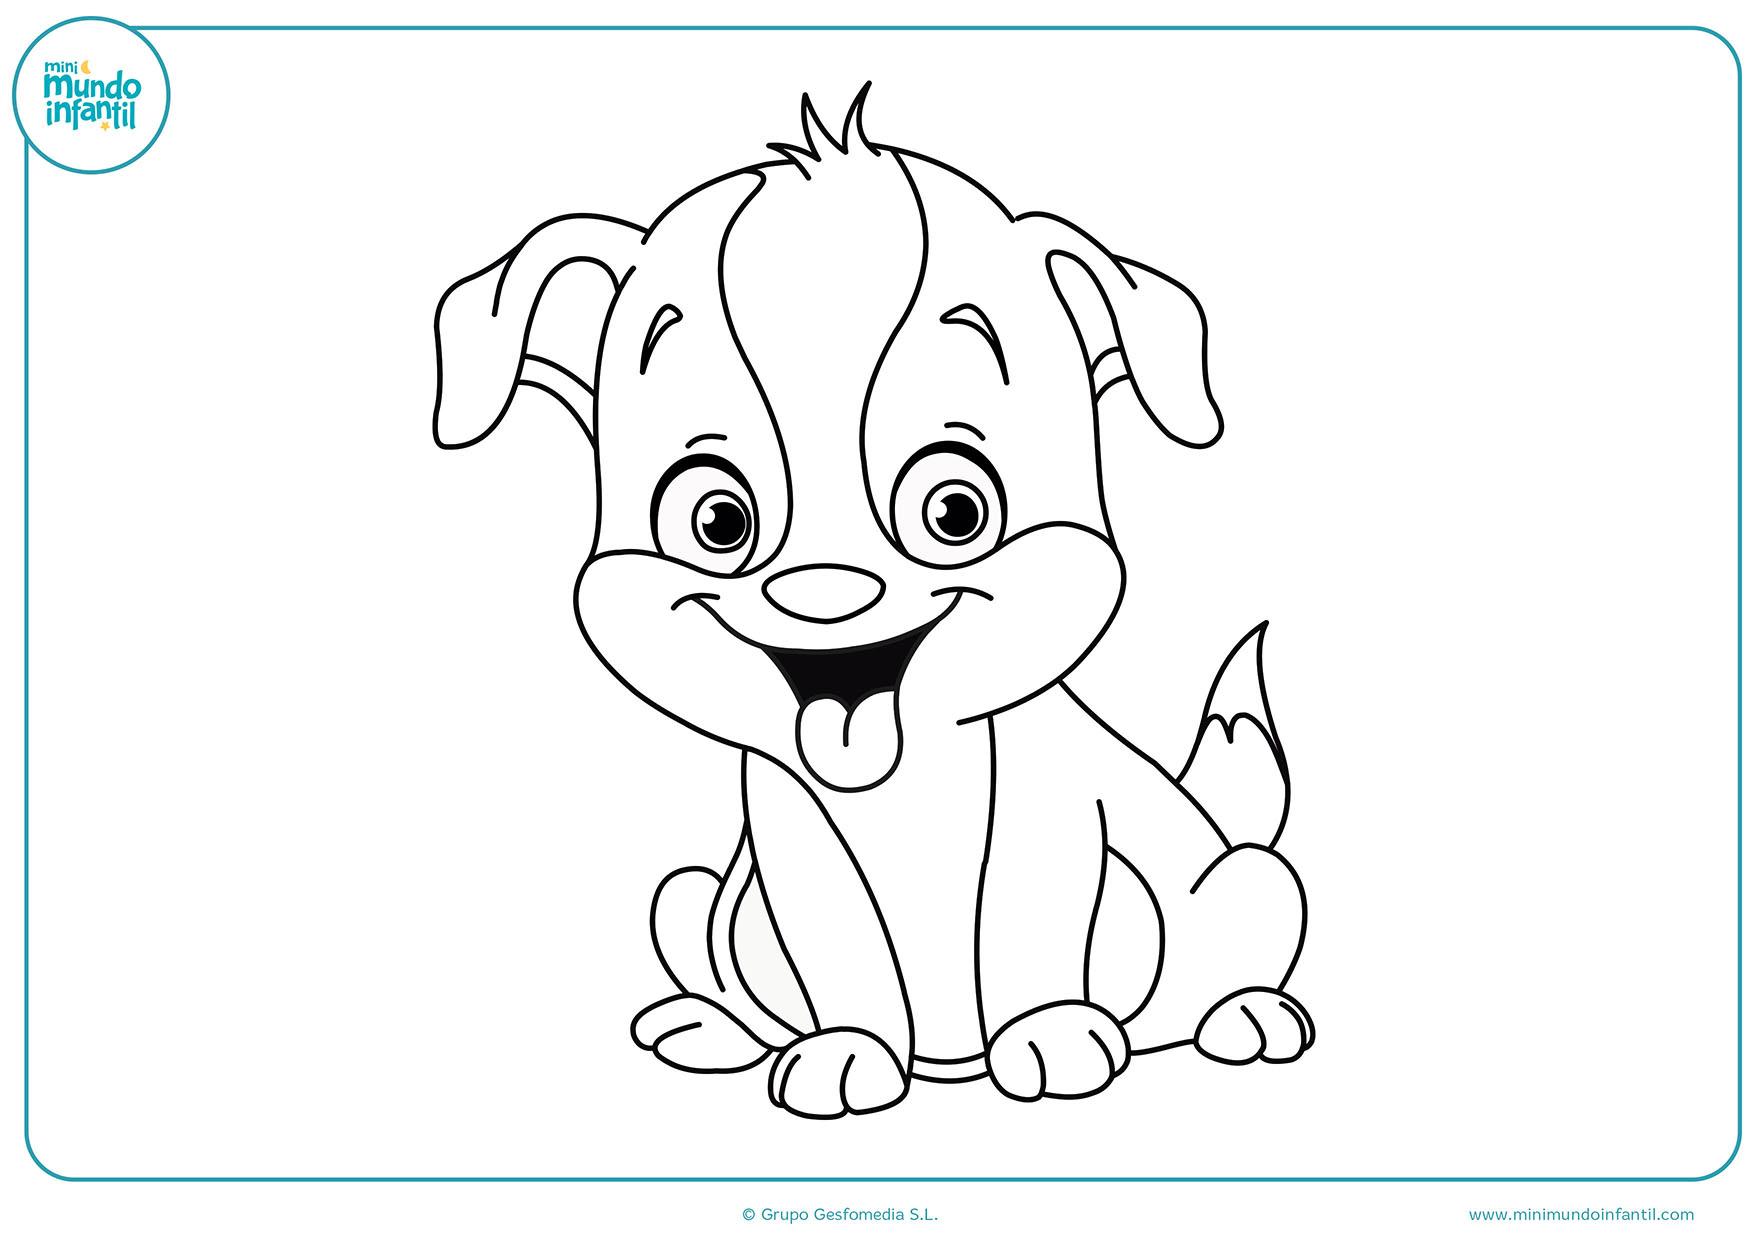 Perro De Dibujo. Trendy Dibujo Para Colorear Perro Bulldog